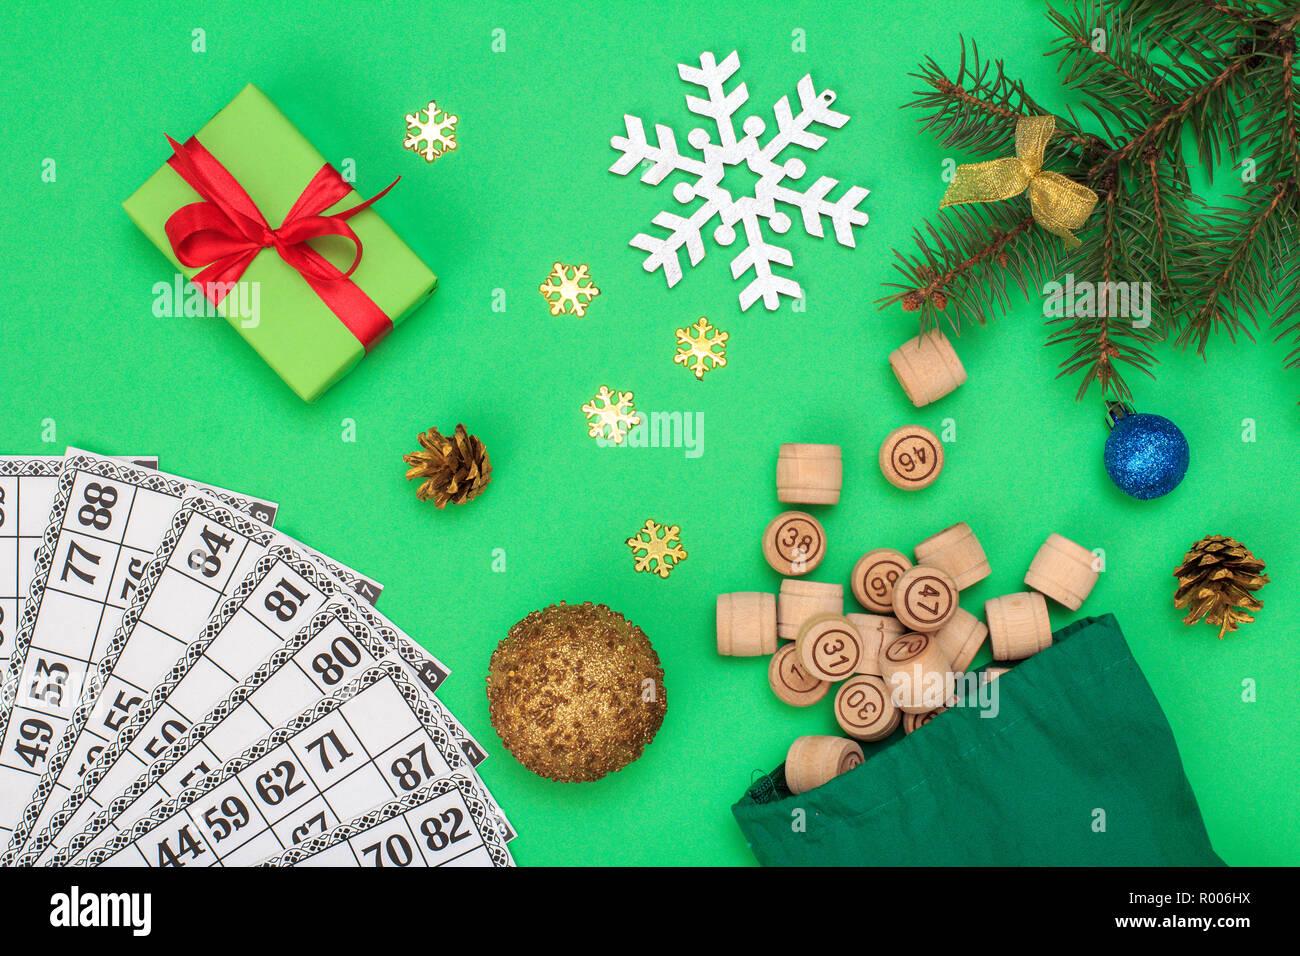 Lotto Weihnachten.Board Game Lotto Holz Lotto Fässer Mit Tasche Und Spiel Karten Für